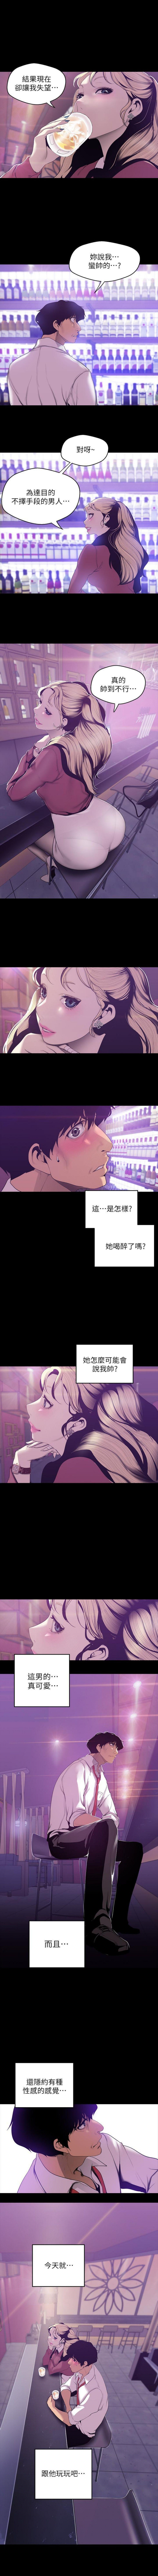 (週1)美麗新世界 1-70 中文翻譯 (更新中) 542